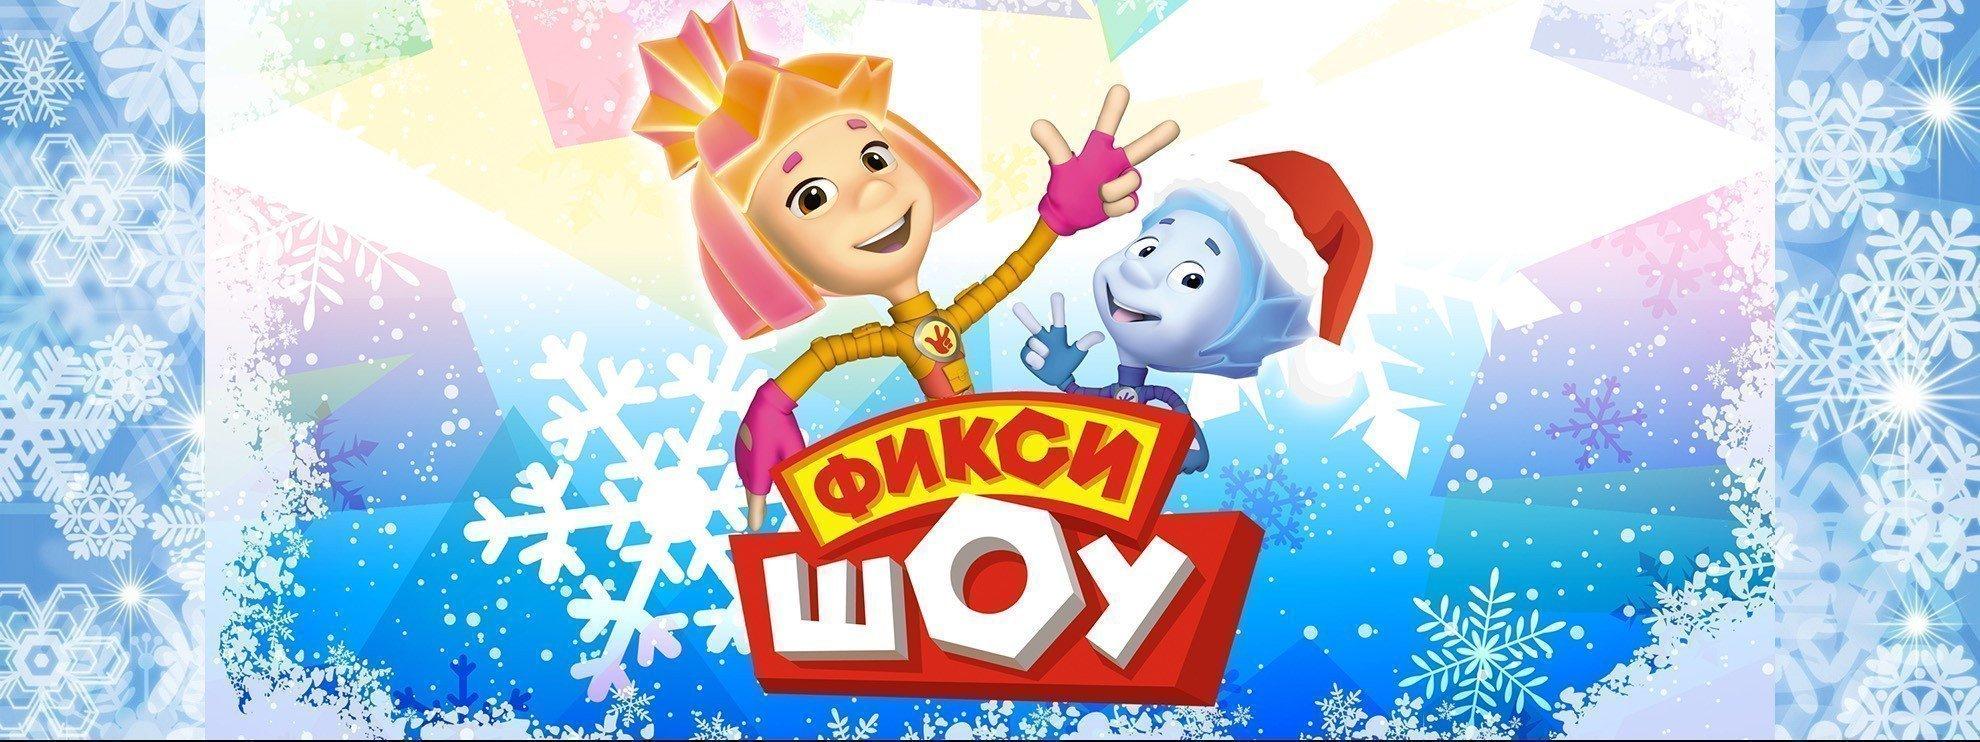 исполнитель Новогоднее Фикси шоу «Спасатели времени»